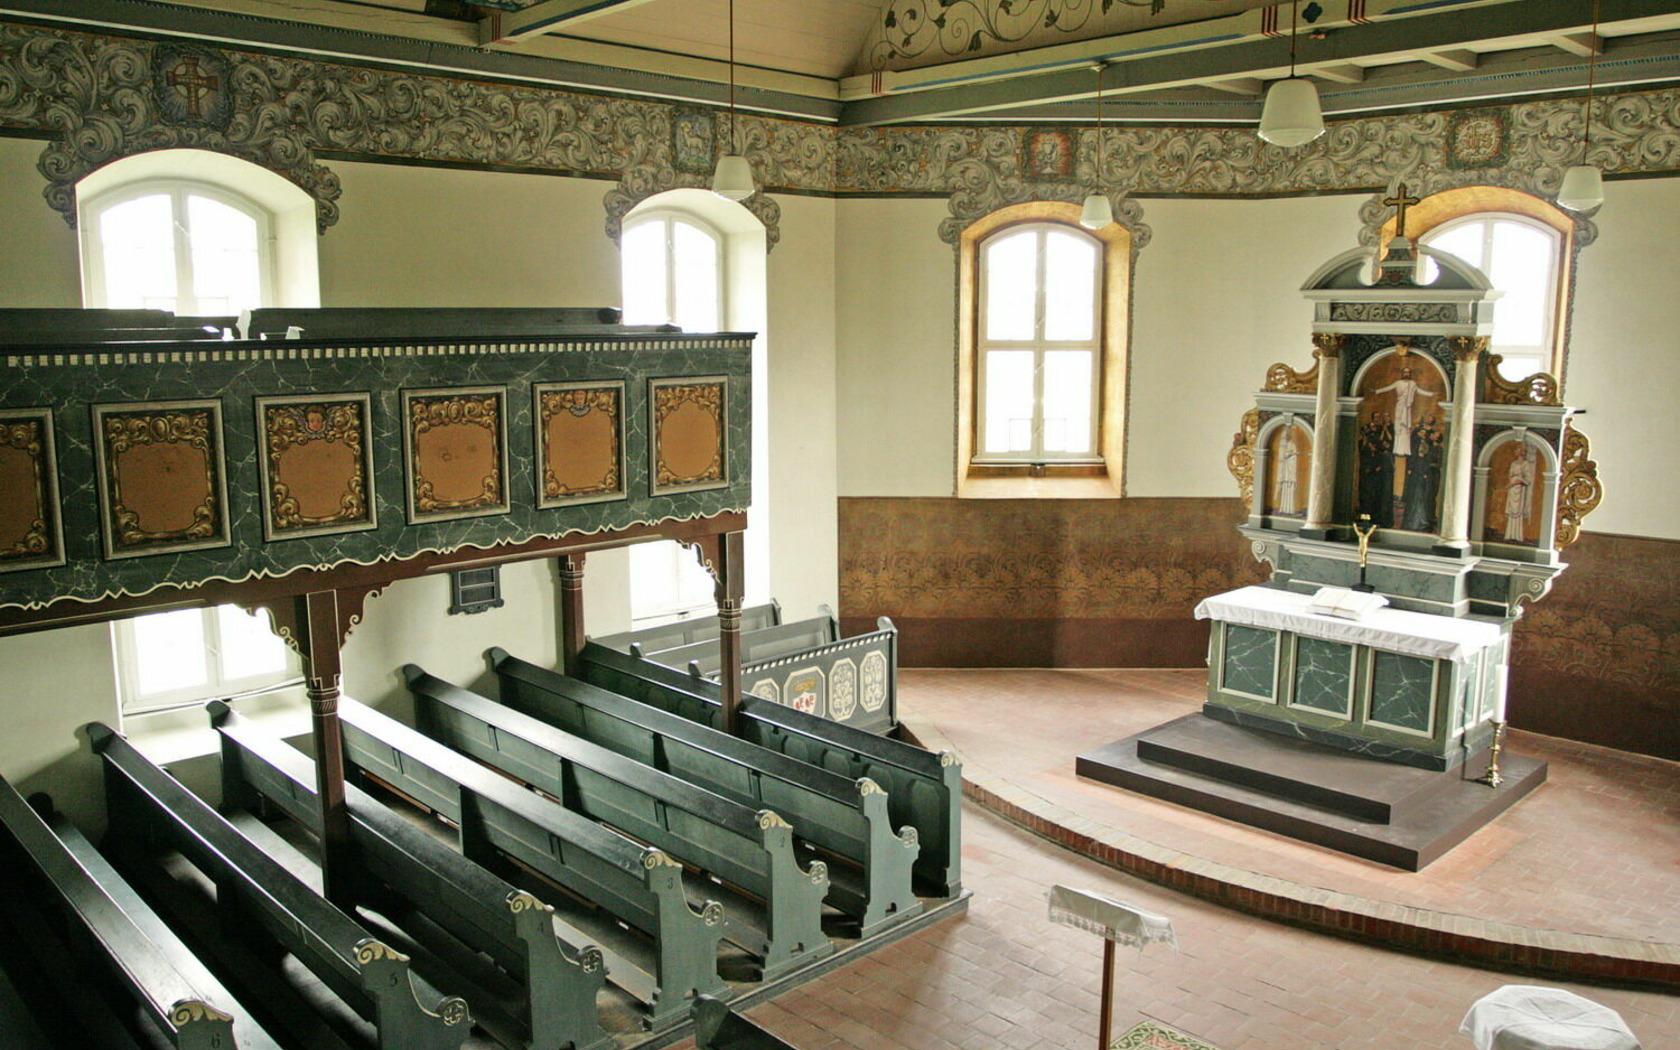 Kirche Pinnow, Foto: MuT ― Marketing und Tourismus Guben e.V., Lizenz: MuT ― Marketing und Tourismus Guben e.V.